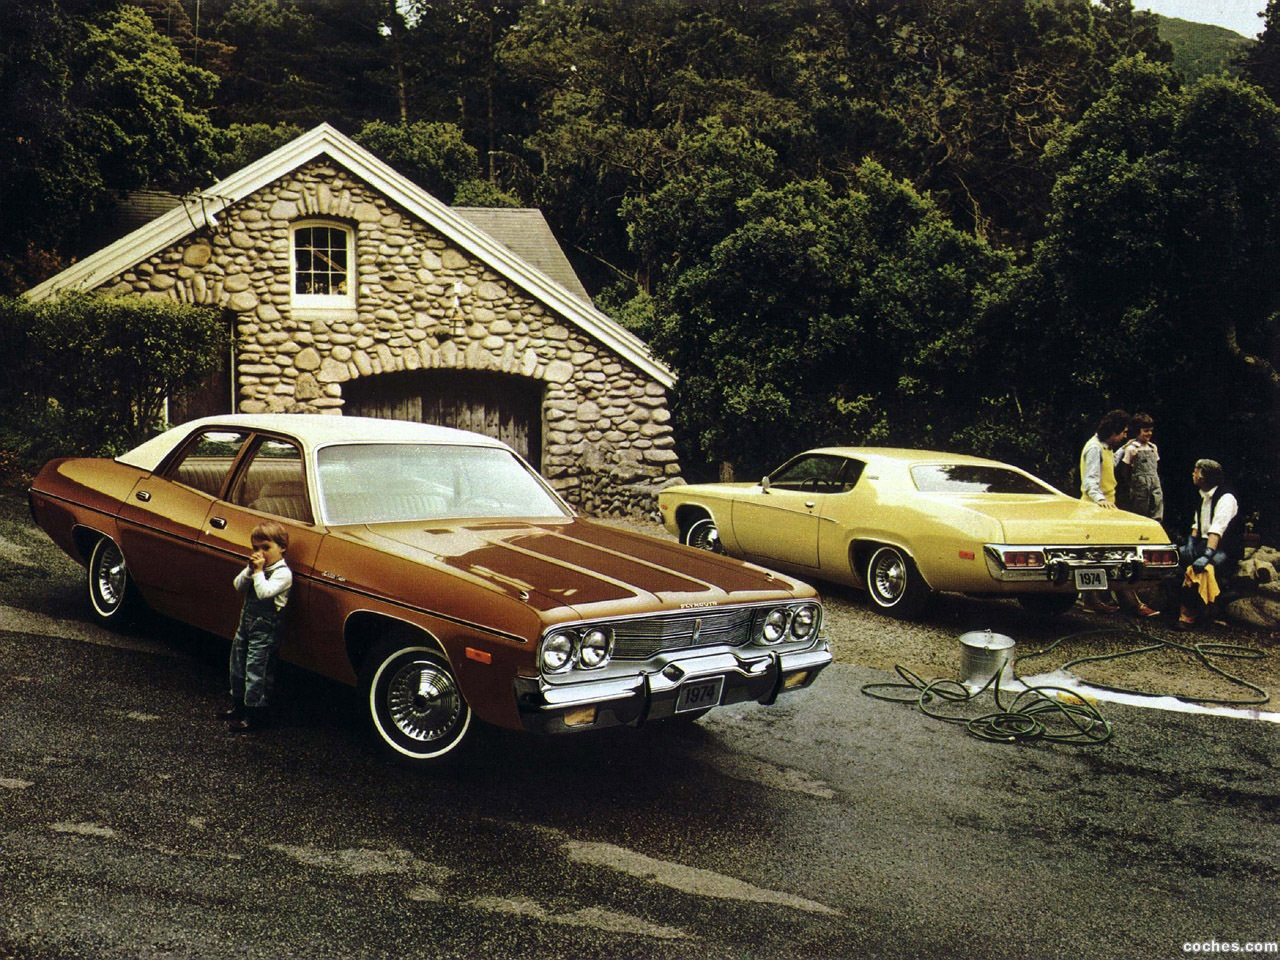 Foto 1 de Plymouth Satellite 1974